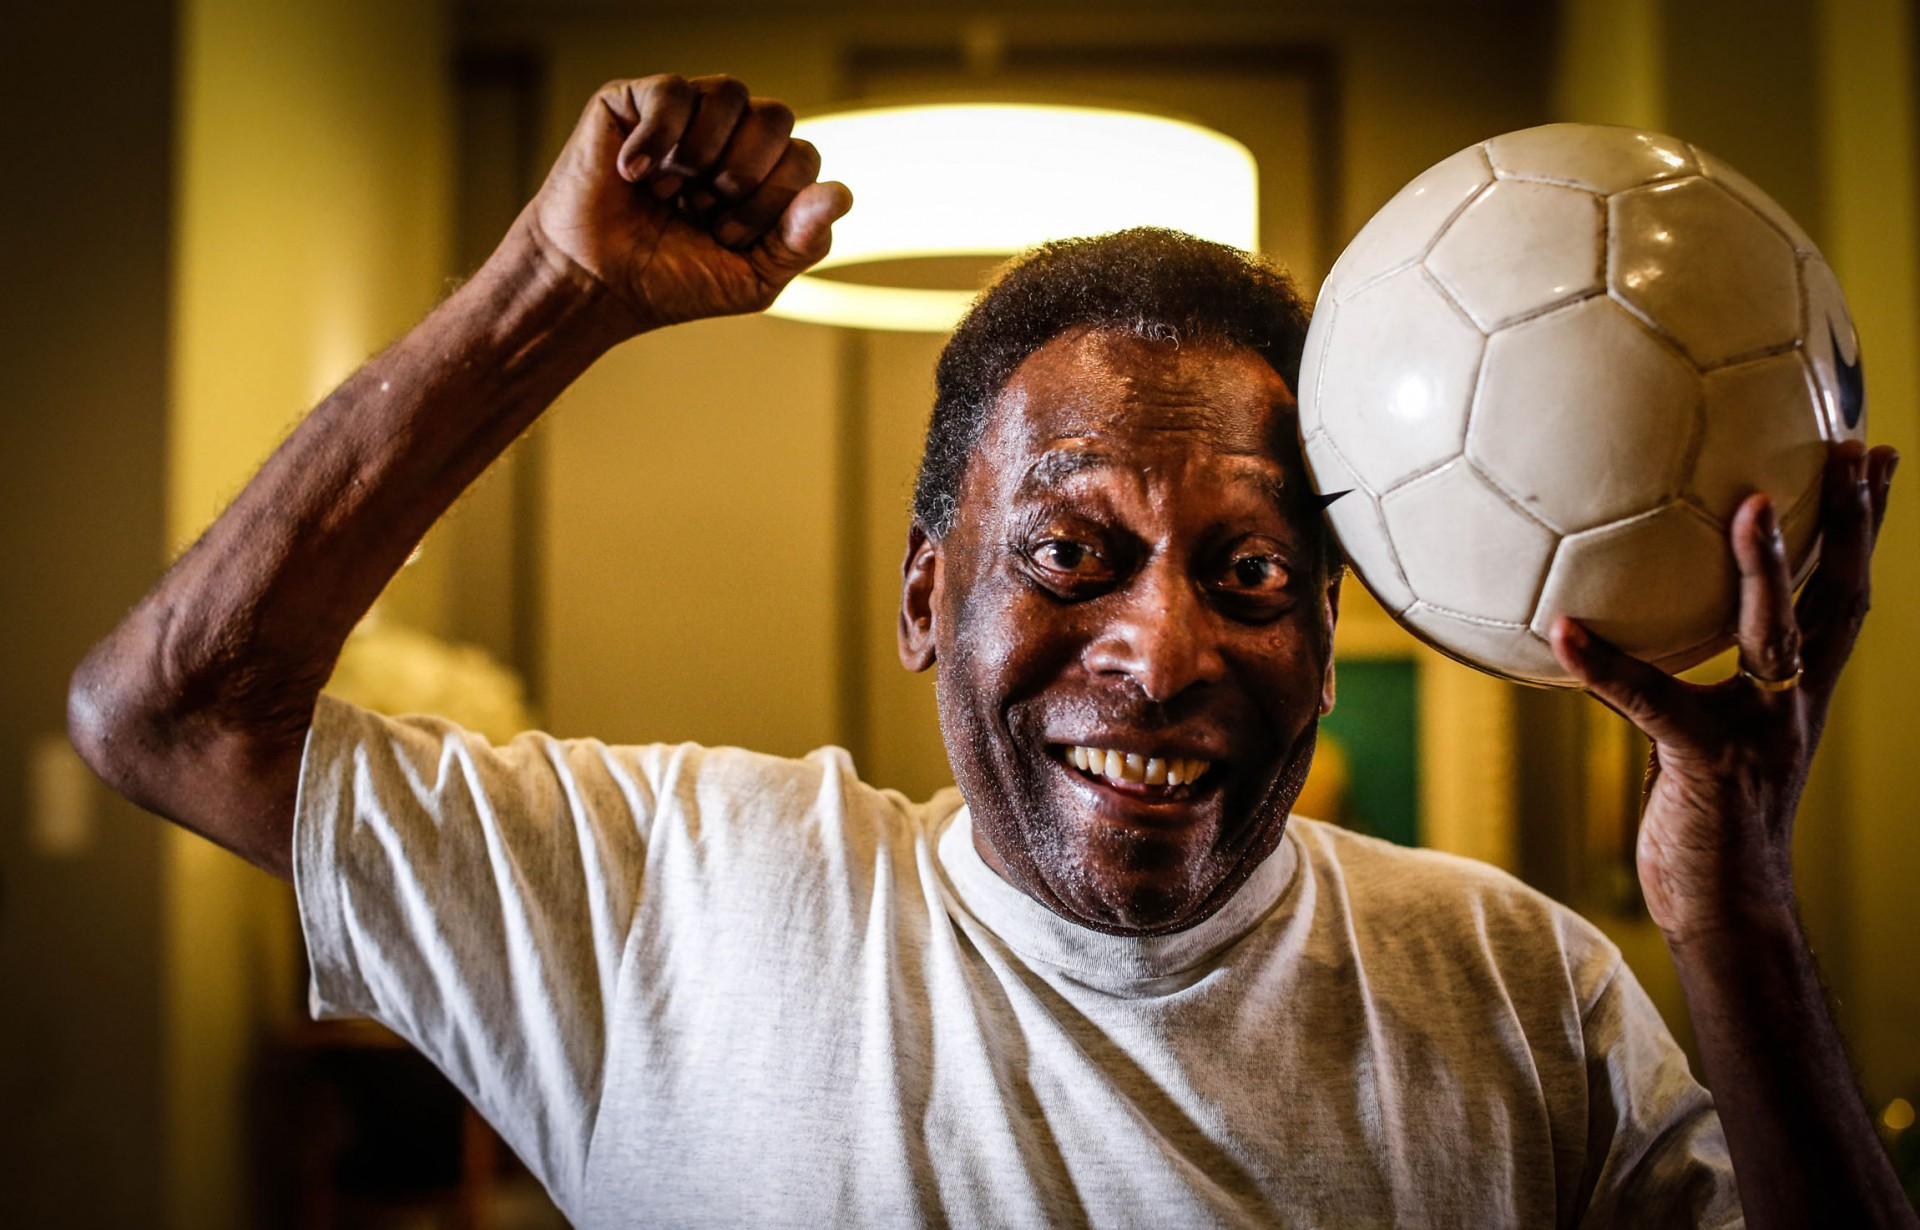 Pelé talvez tenha sido mais aceito porque raramente perdia (Foto: WERTHER SANTANA/AE)